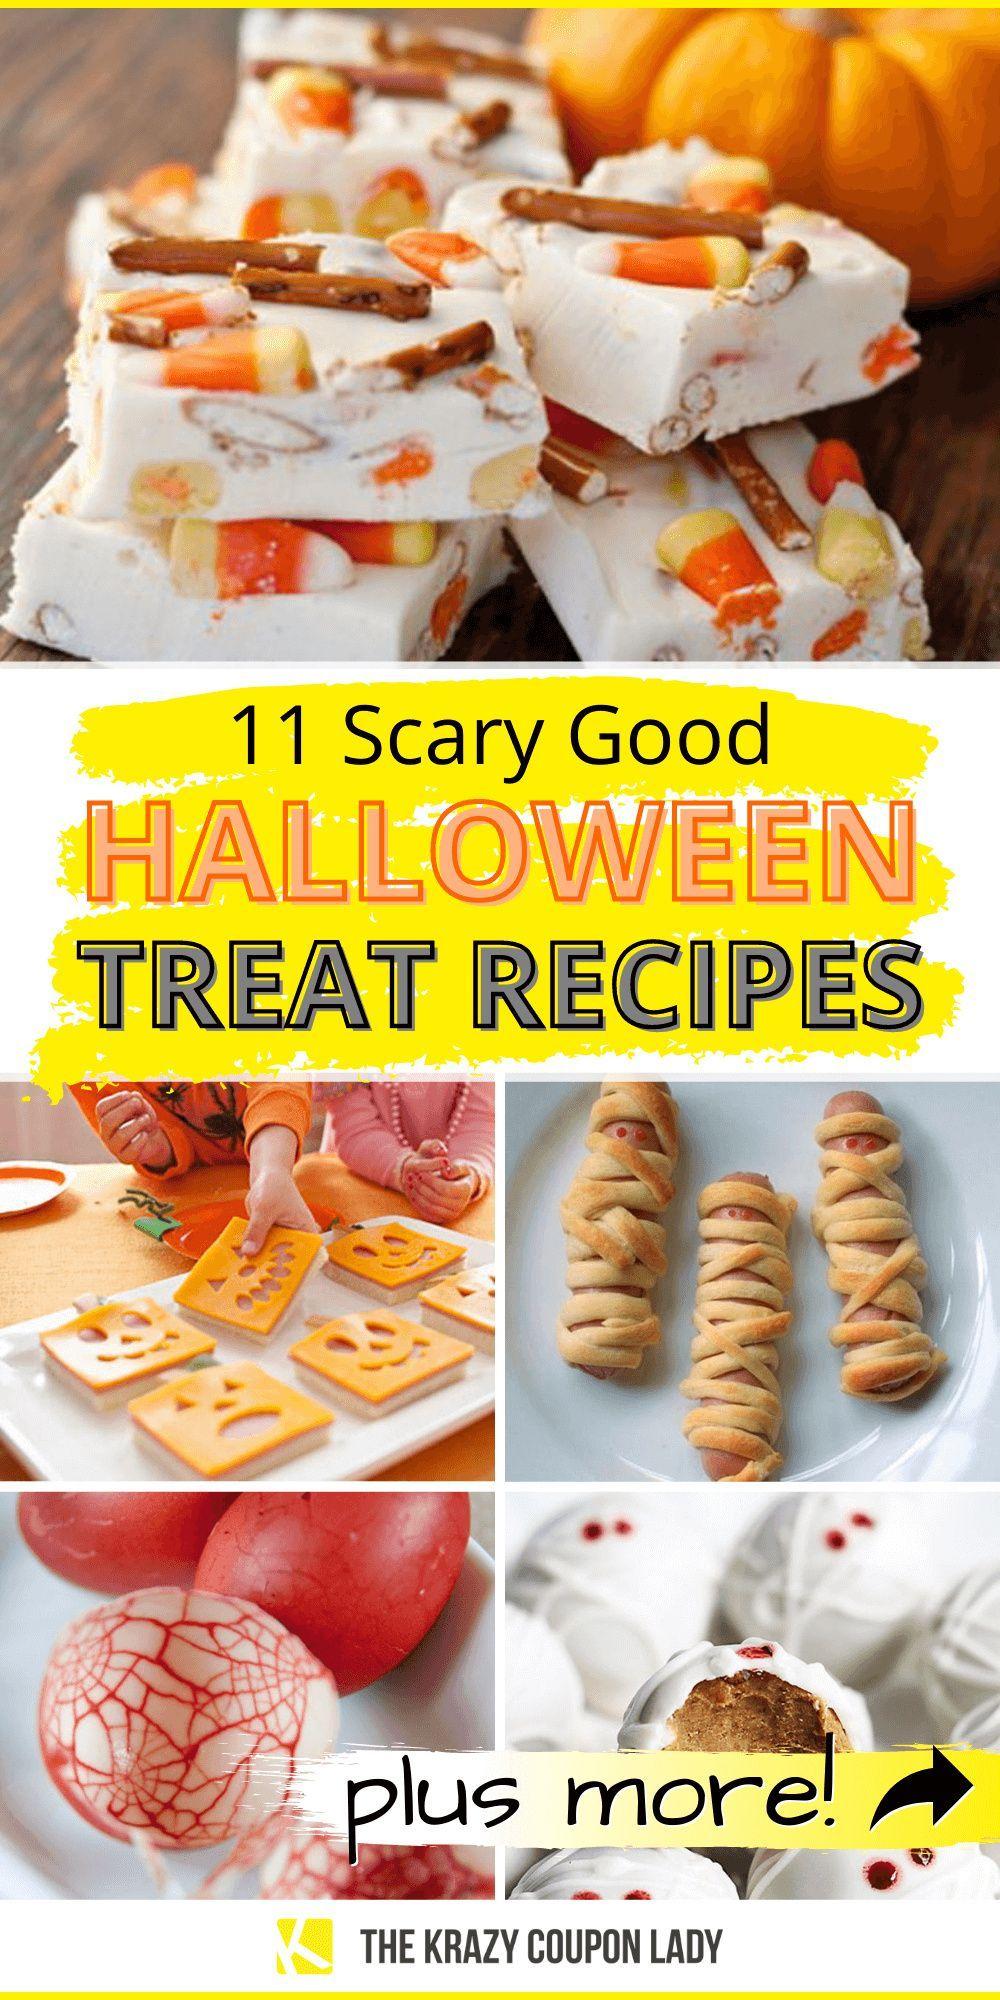 11 Scary Good Halloween Treats in 2020 Halloween food